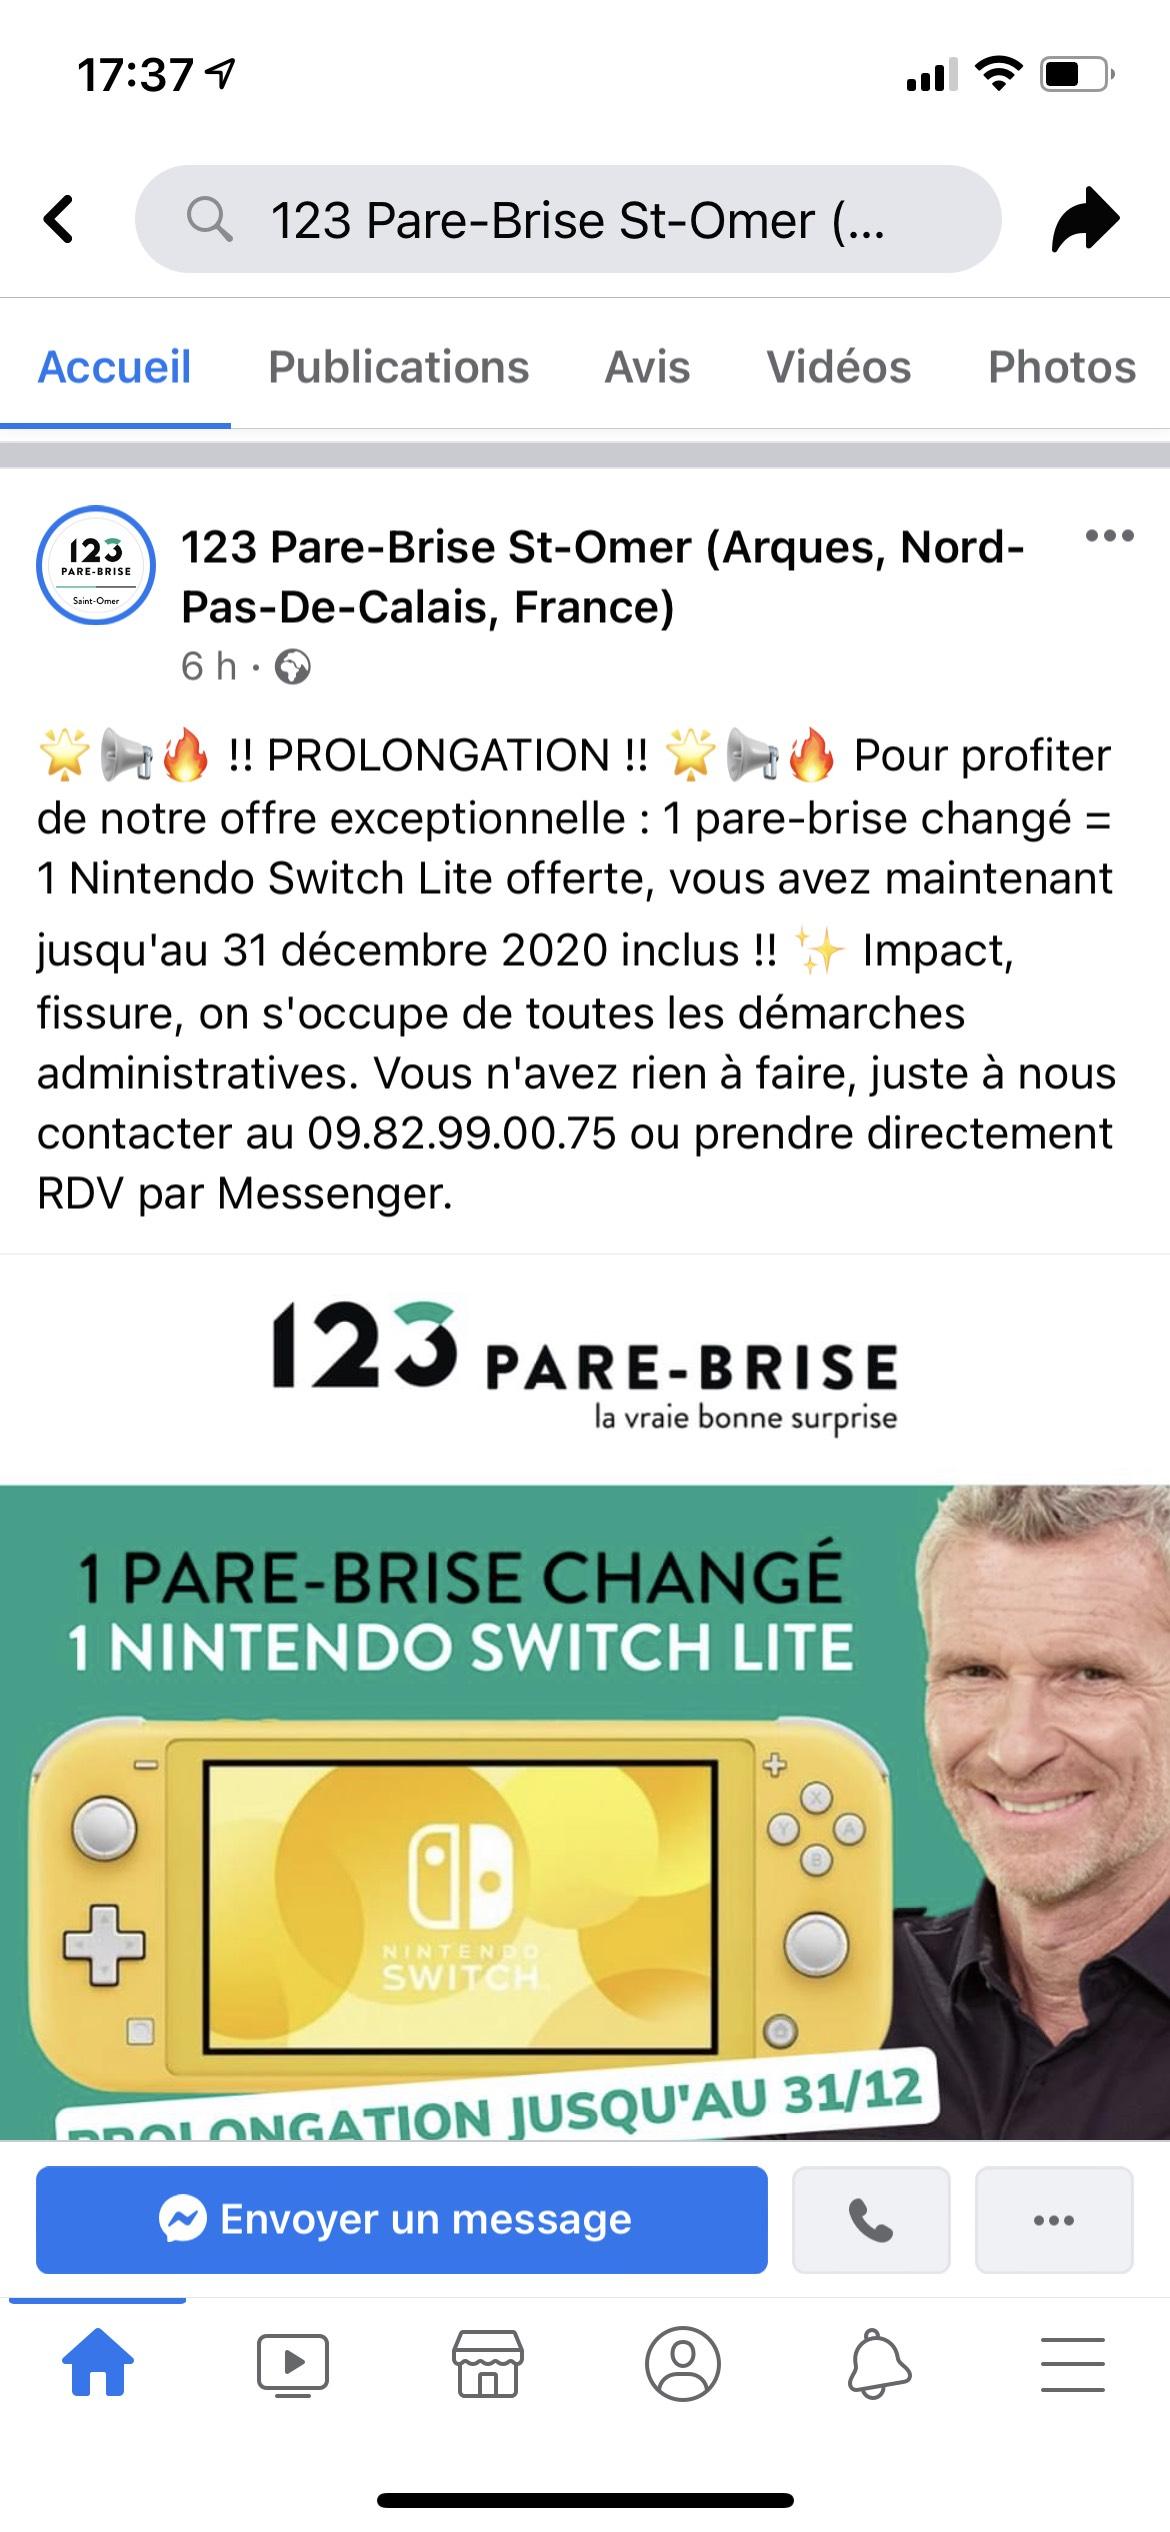 1 parebrise changé = 1 Nintendo Switch Lite offerte (123parebrise.fr)